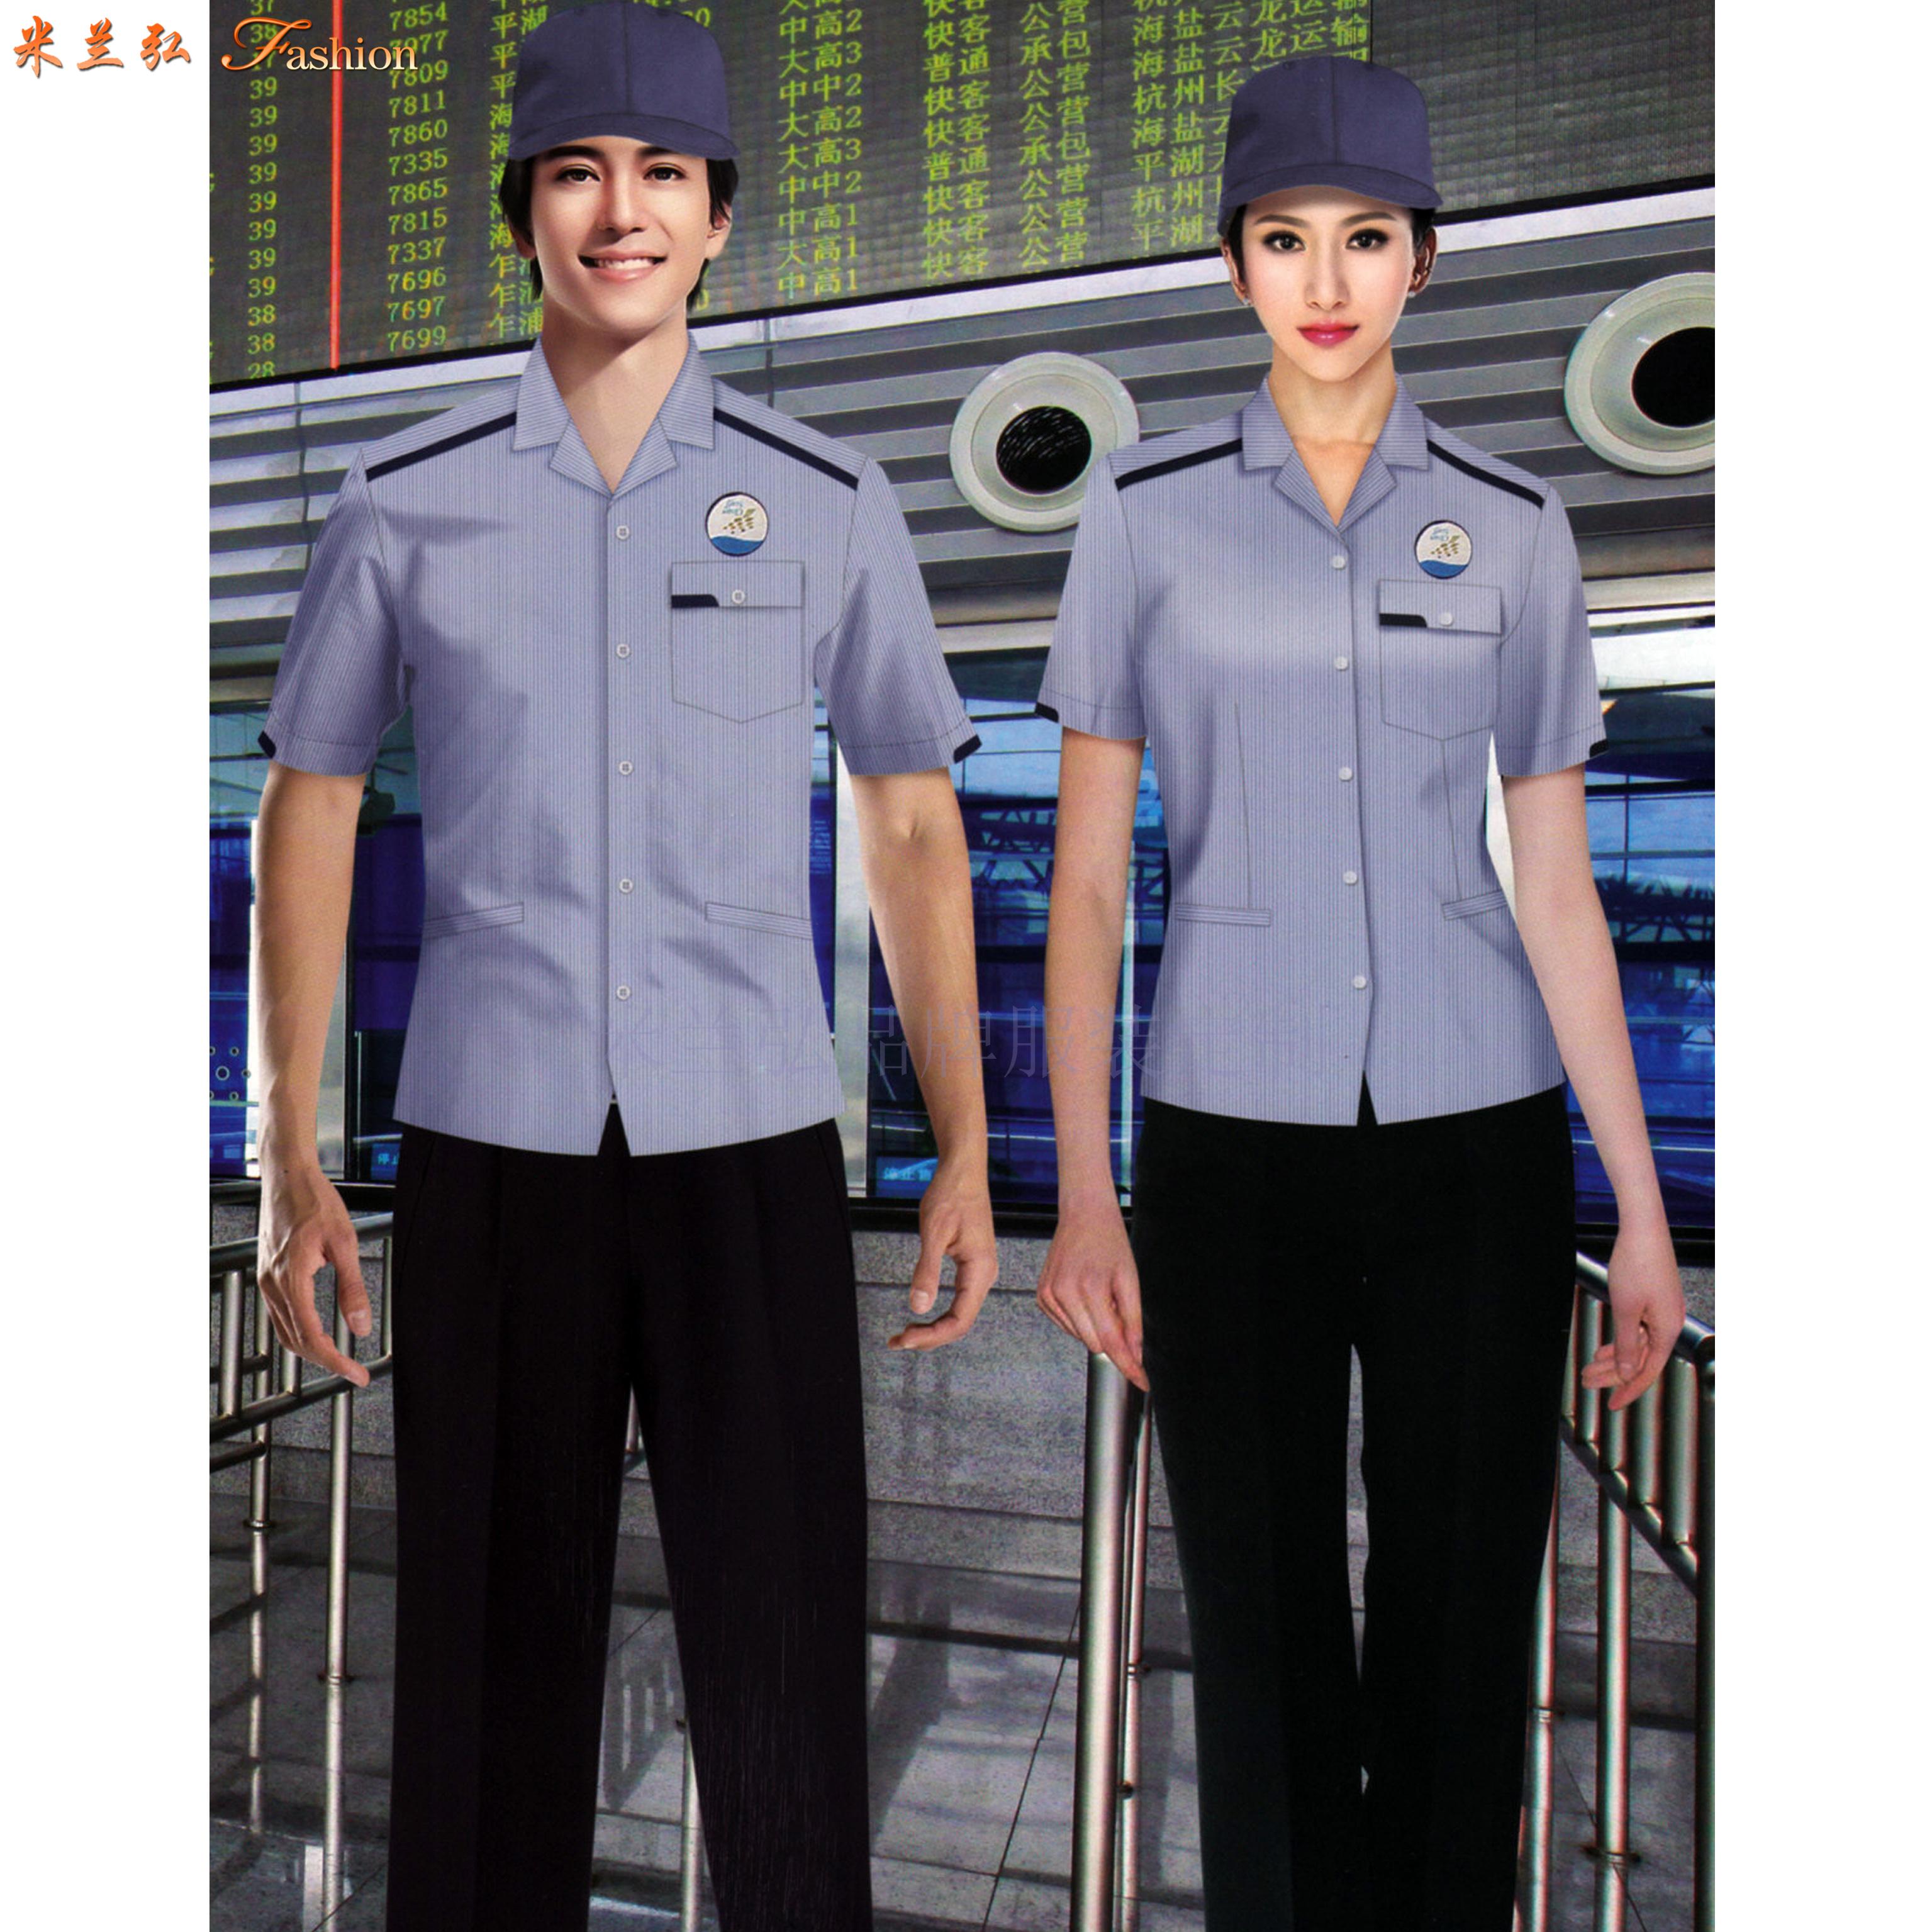 汽車站工作服-量身定做工作服廠家-米蘭弘服裝-5